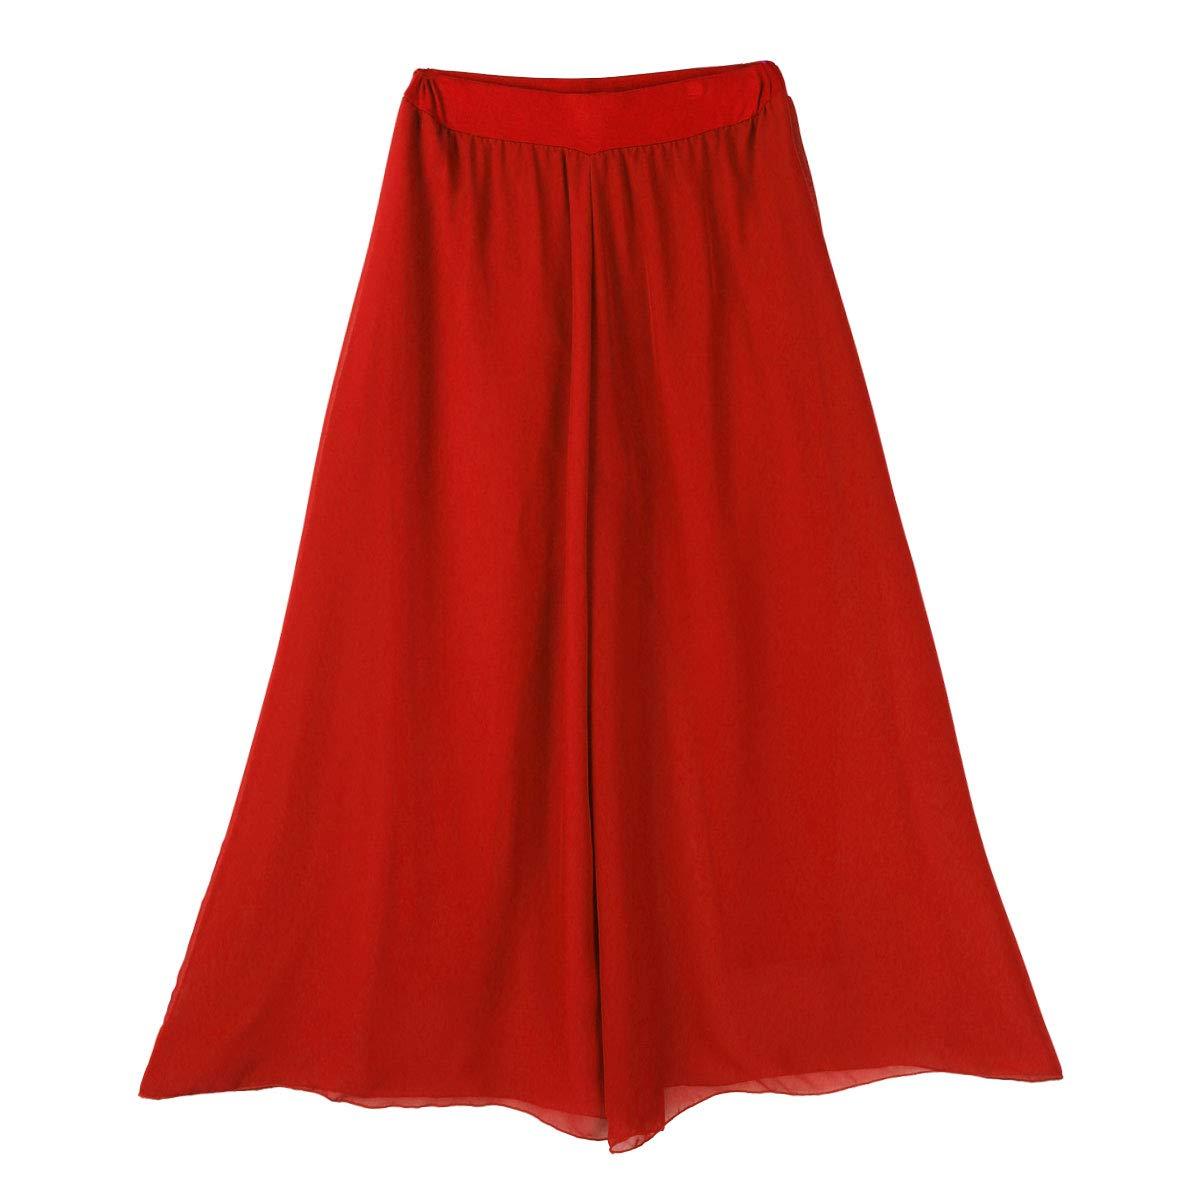 MSemis Pantalones de Danza Yoga para Mujer Chica Pantalones Anchos Falda Pantal/ón Plisado Baile Otriental Ropa Danza del Vientre Actuaci/ón Clases